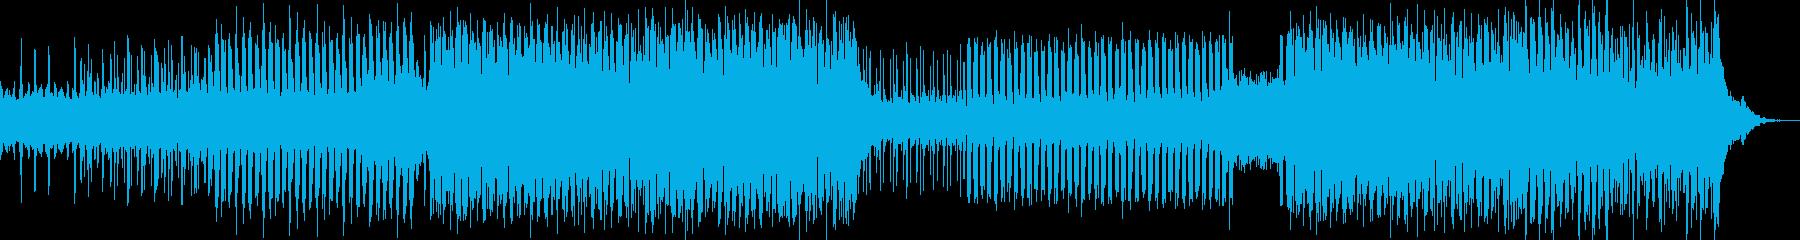 ワールドミュージックの微妙な影響を...の再生済みの波形